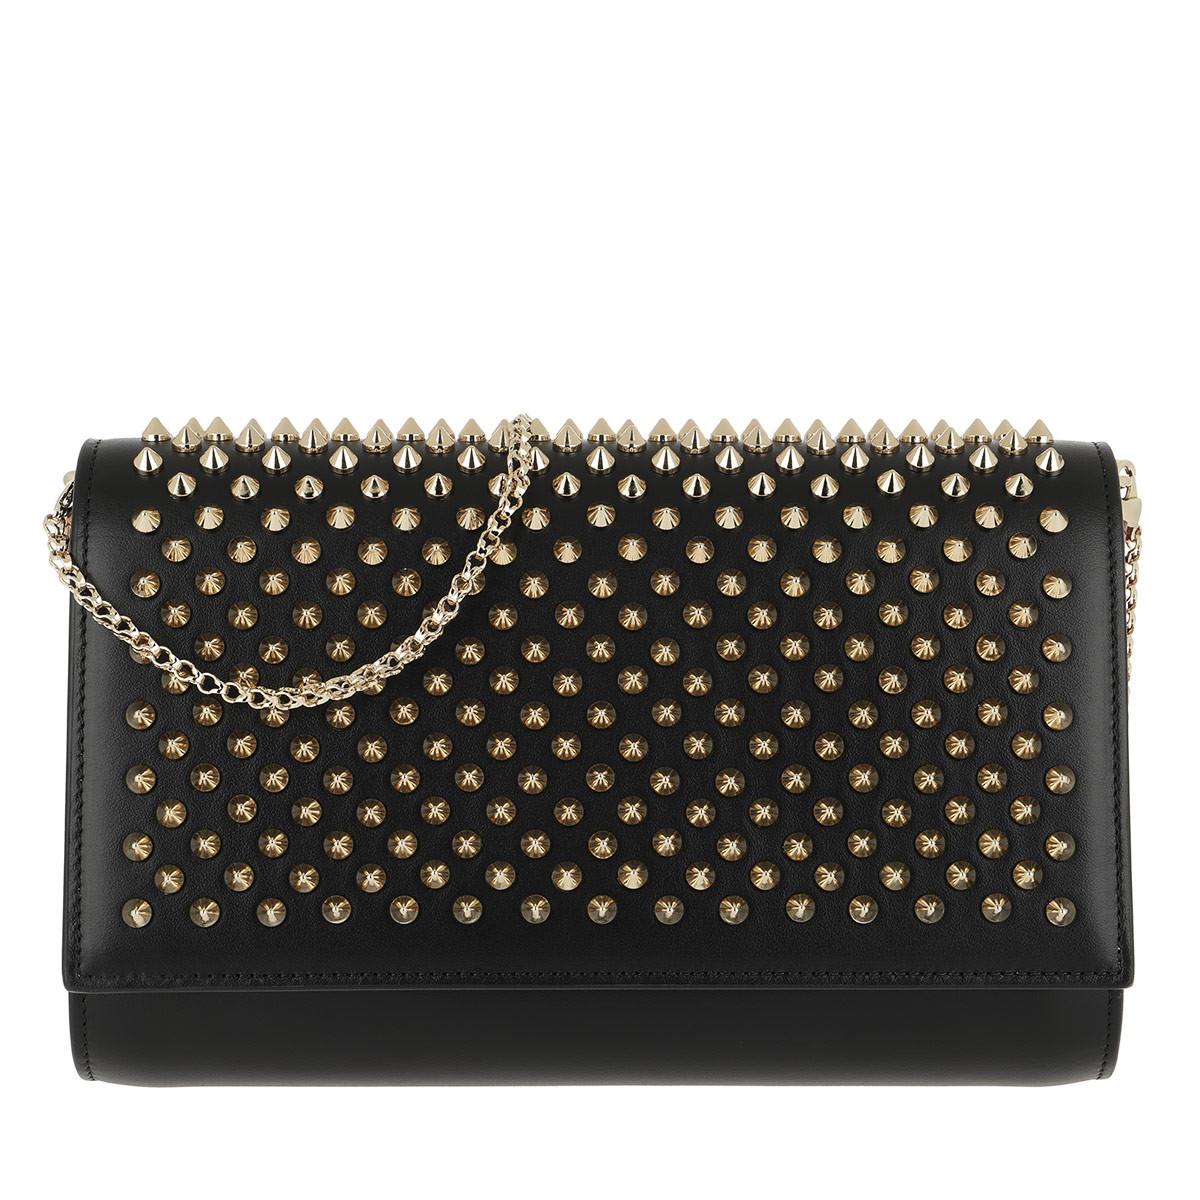 Christian Louboutin Umhängetasche - Paloma Clutch Gold Spikes Leather Black - in schwarz - für Damen